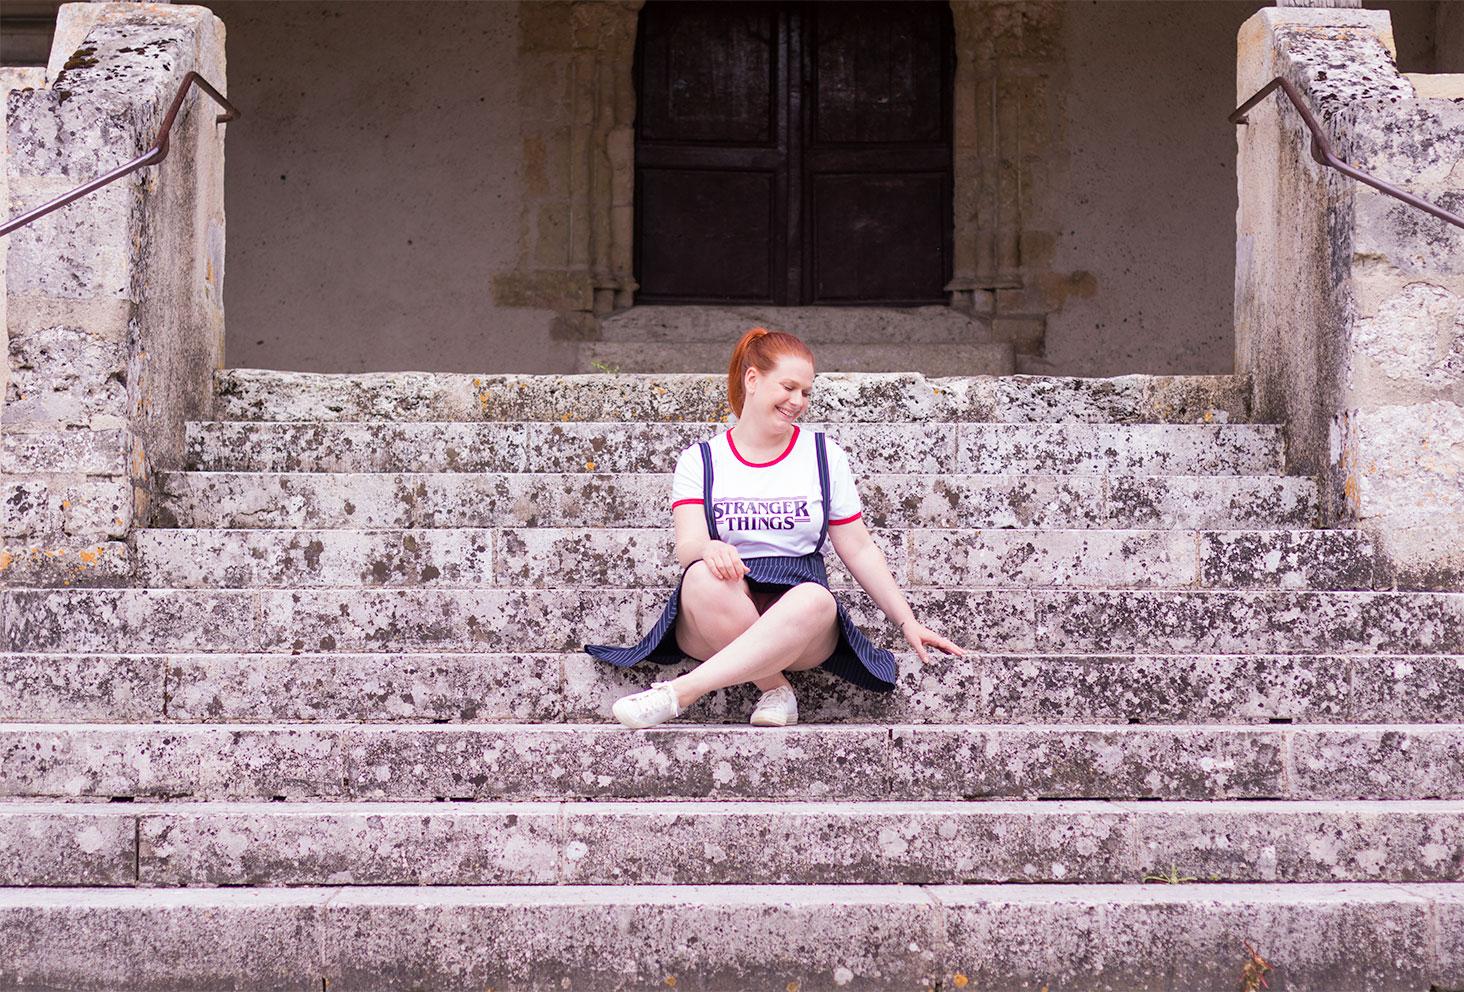 Assise au milieu des marches d'une ancienne cathédrale en jupe à bretelle et t-shirt Stanger Things SheIn